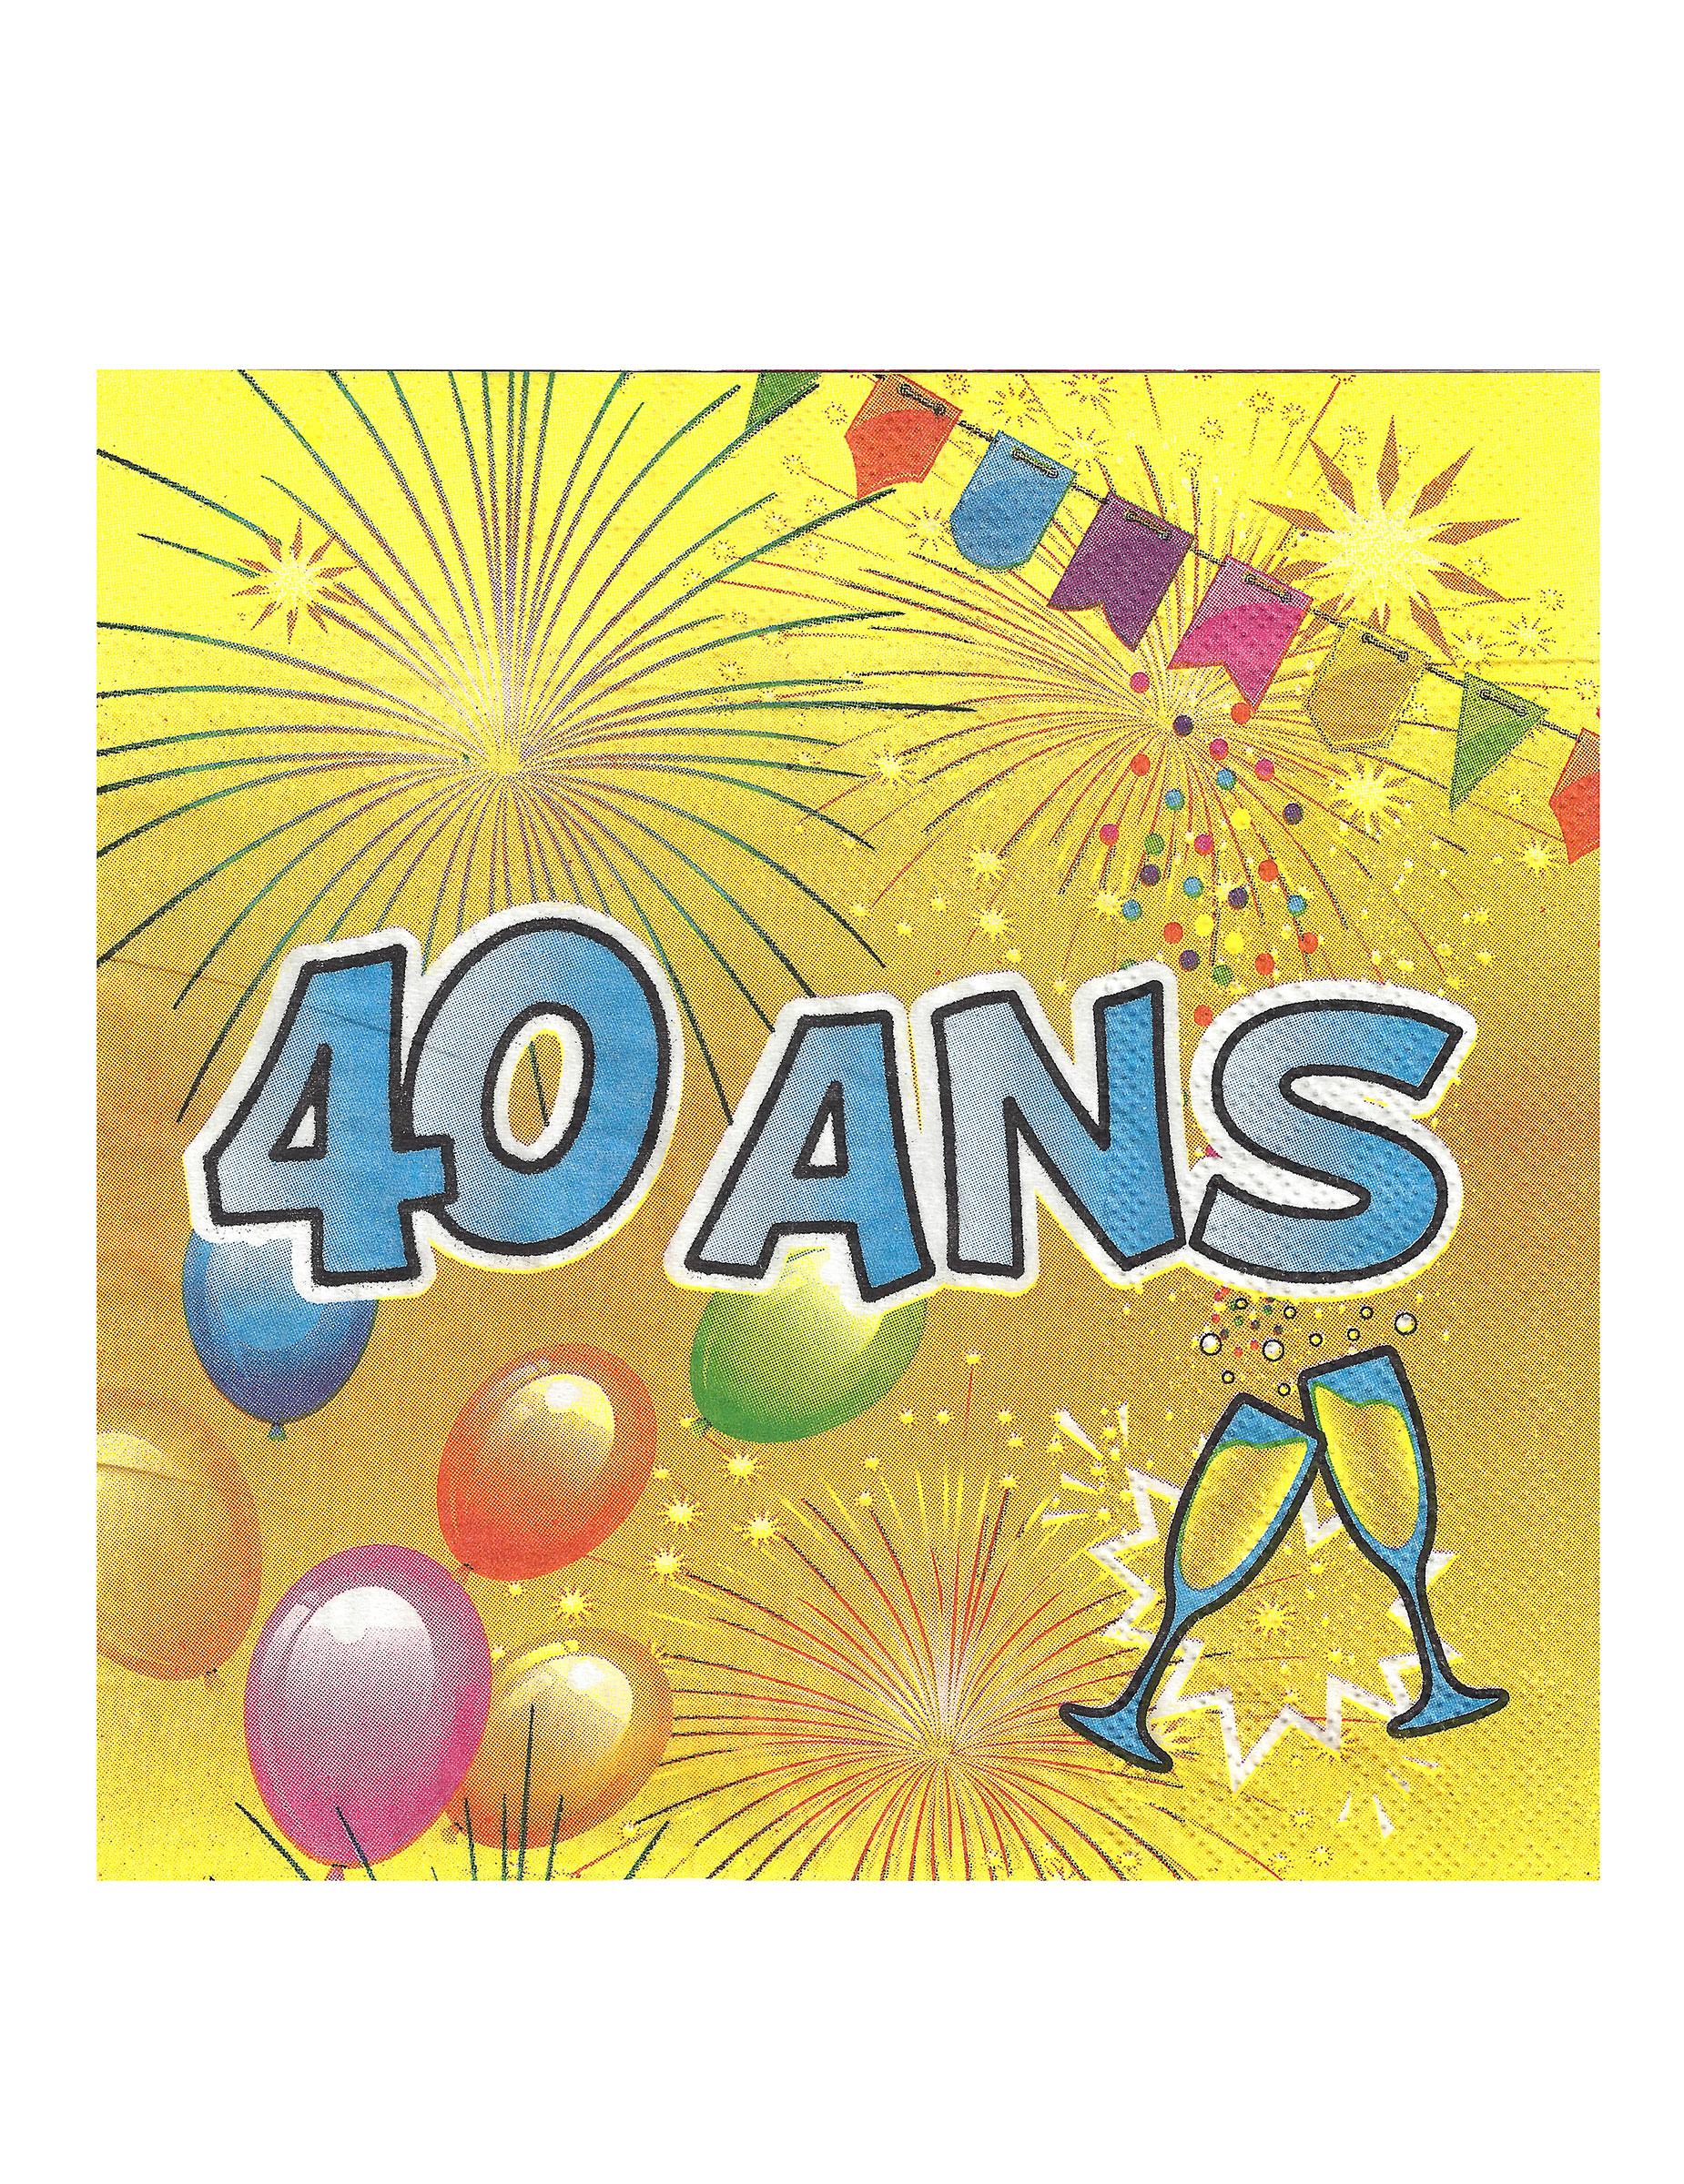 20 serviettes en papier 40 ans anniversaire fiesta 33 cm achat de decoration animation sur. Black Bedroom Furniture Sets. Home Design Ideas